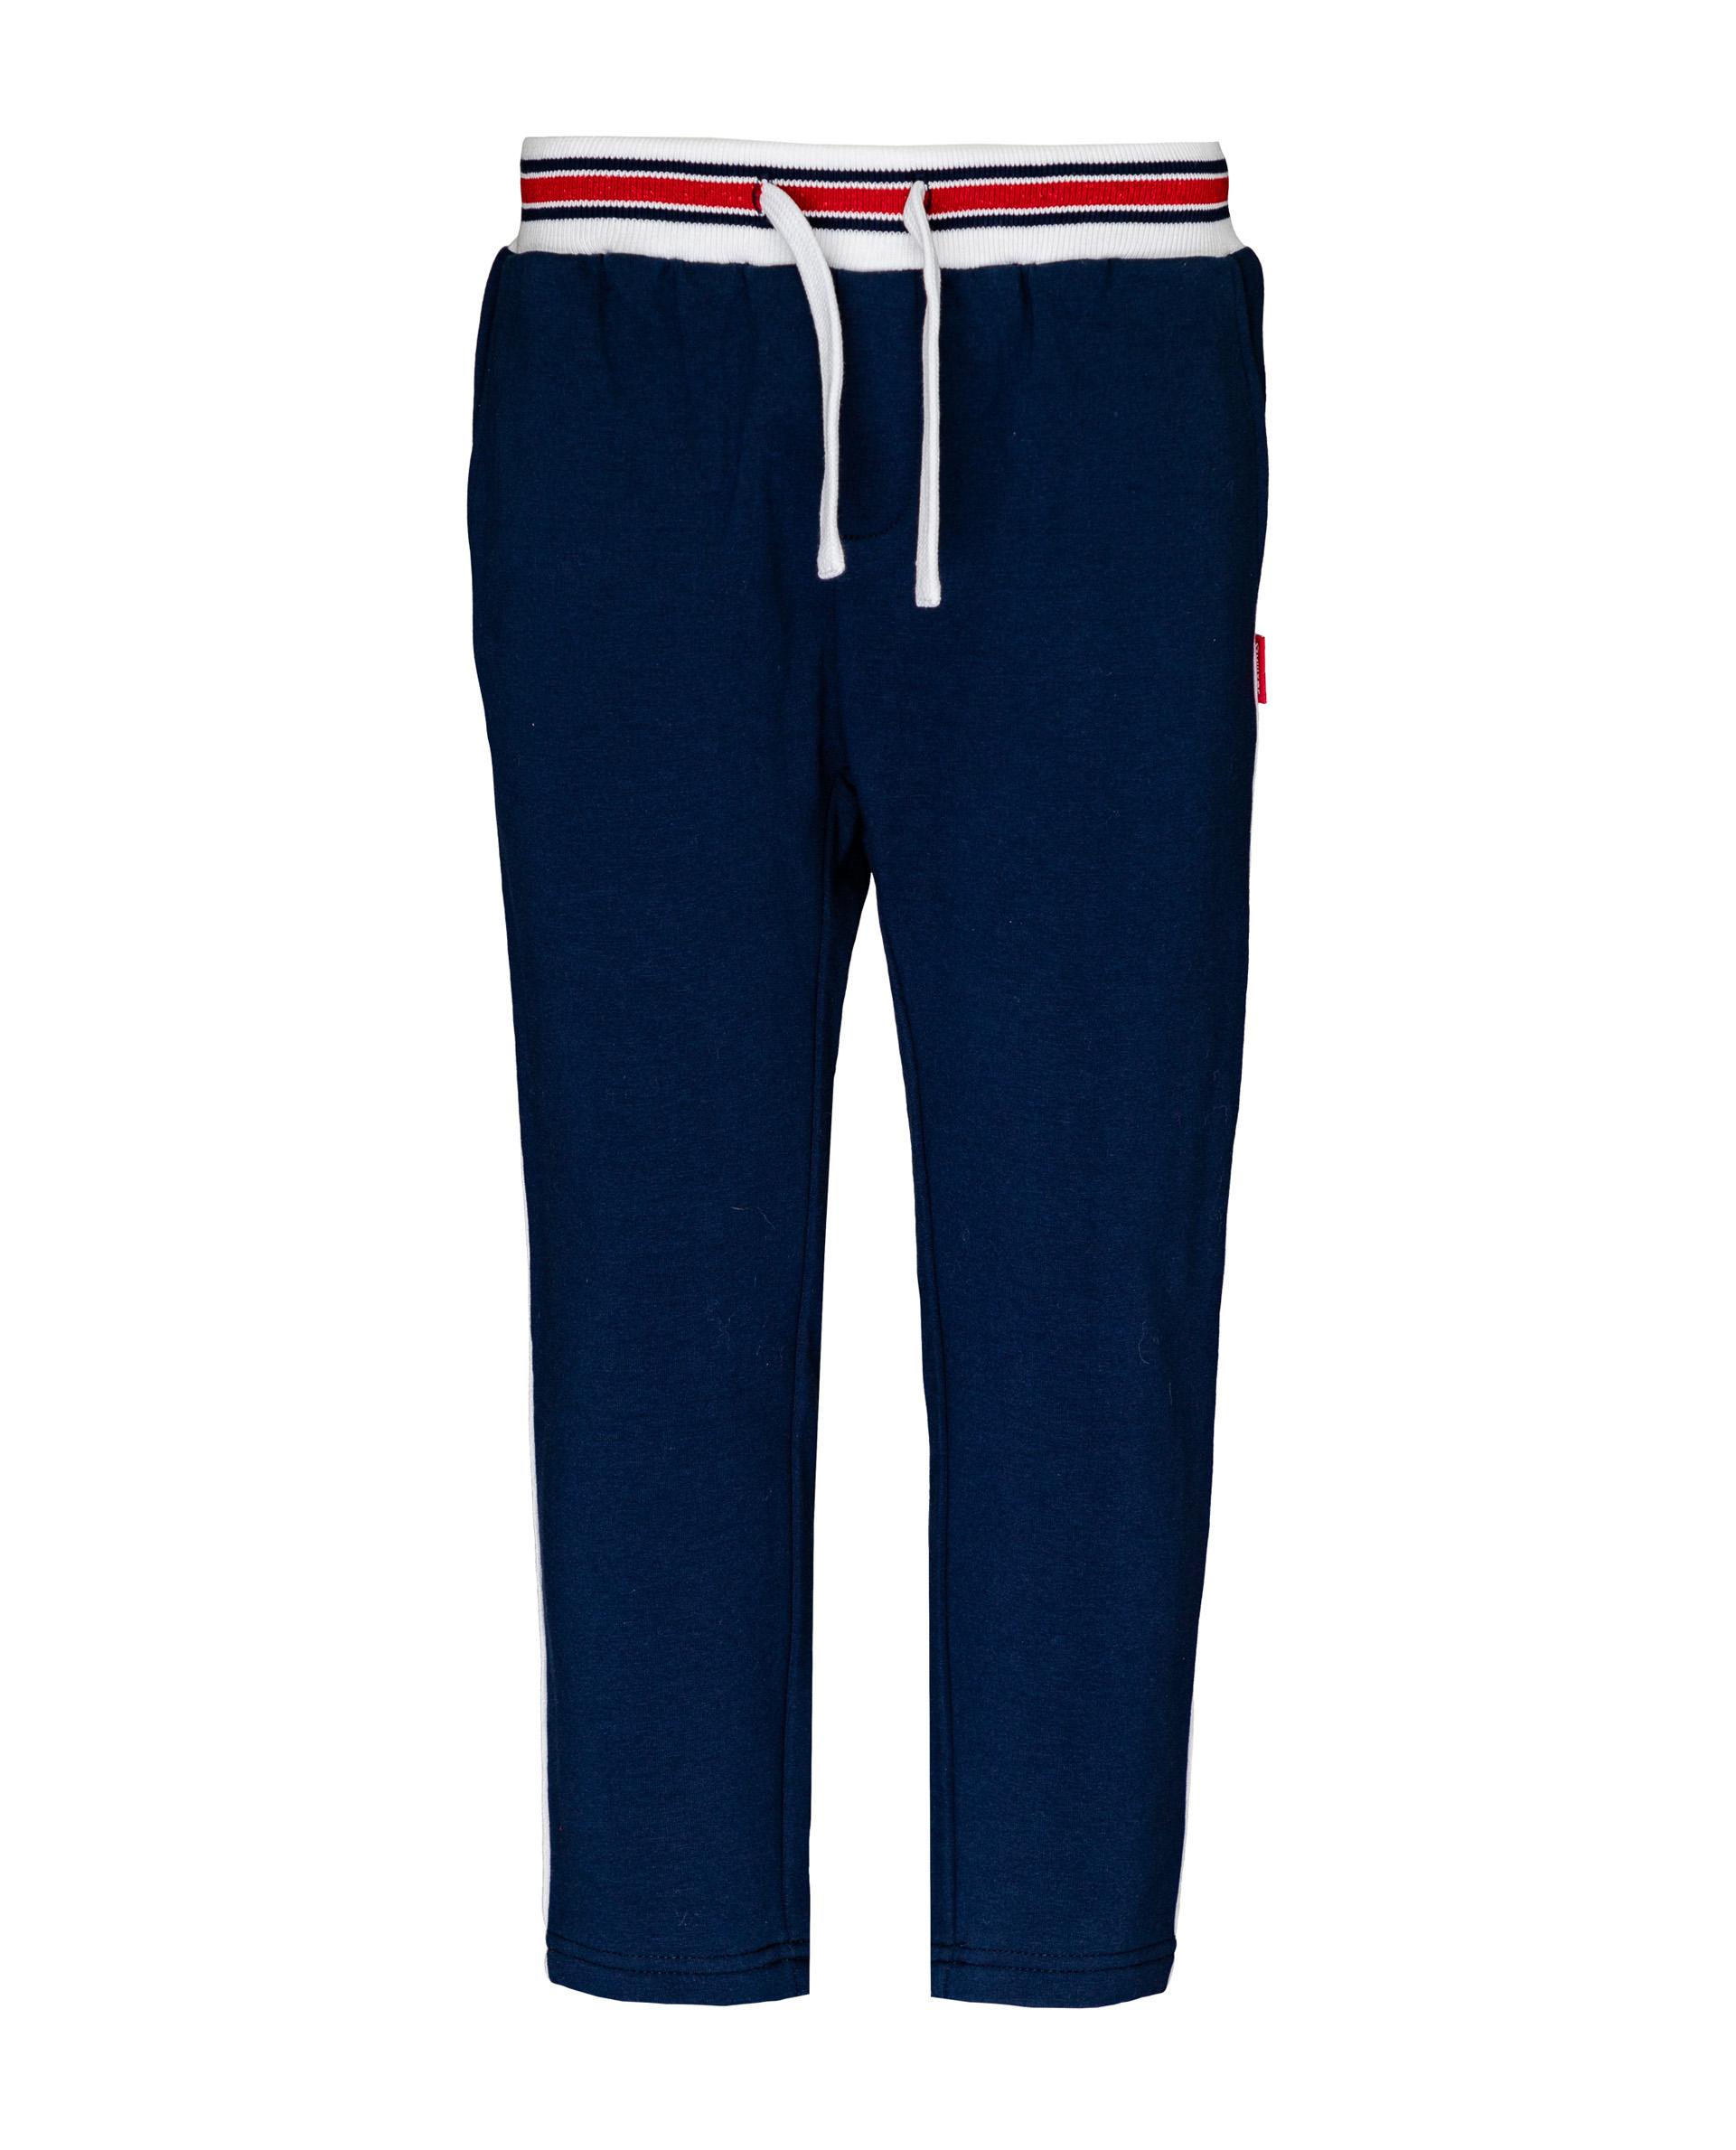 Купить 21903GMC5601, Синие брюки Gulliver, синий, 128, Женский, ОСЕНЬ/ЗИМА 2019-2020 (shop: GulliverMarket Gulliver Market)